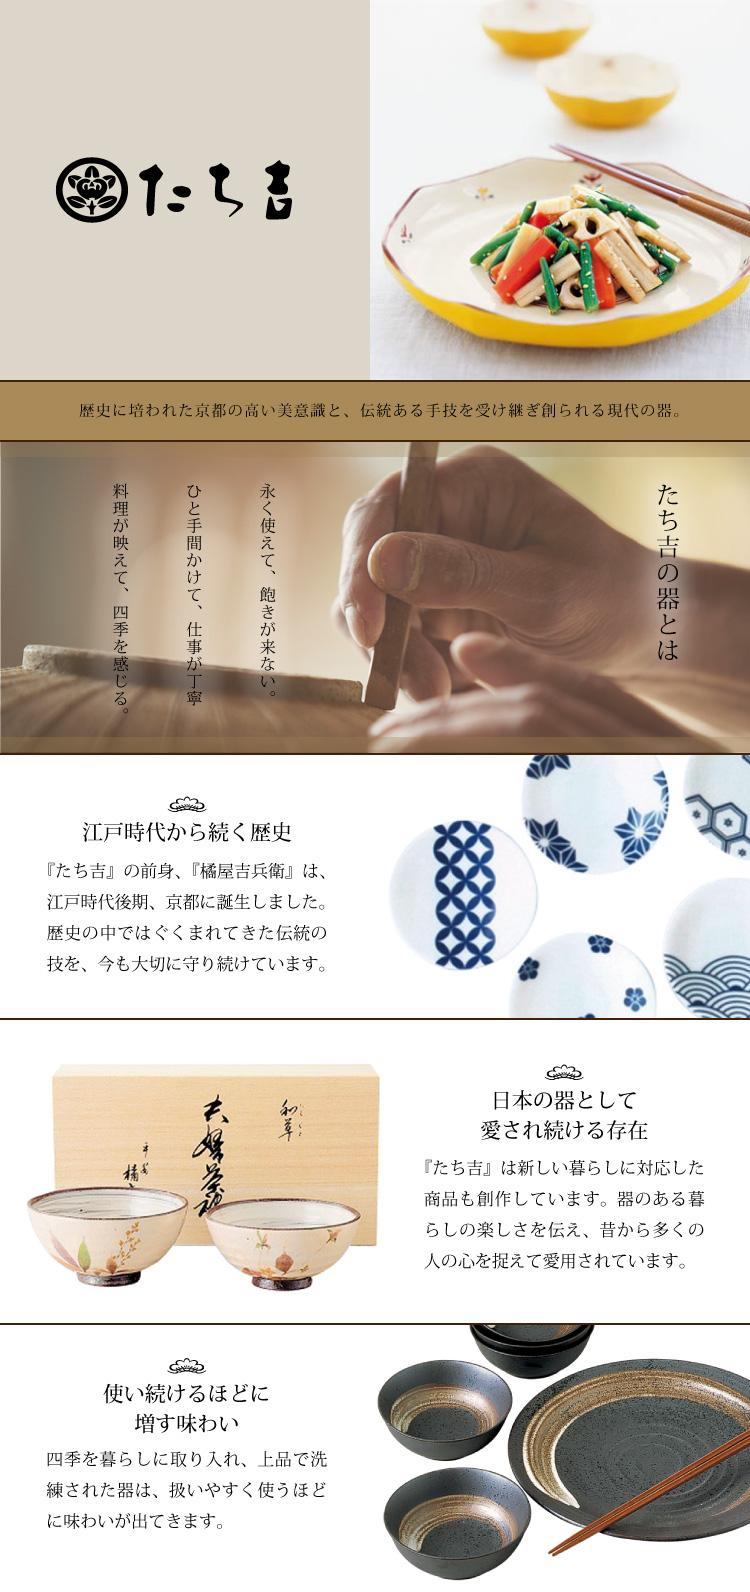 たち吉 伝統に培われた京都の高い美意識と、伝統ある手技を受け継ぎ創られる現代の器。たち吉の器とは 永く使えて、飽きが来ない。ひと手間かけて、仕事が丁寧。料理が映えて、四季を感じる。